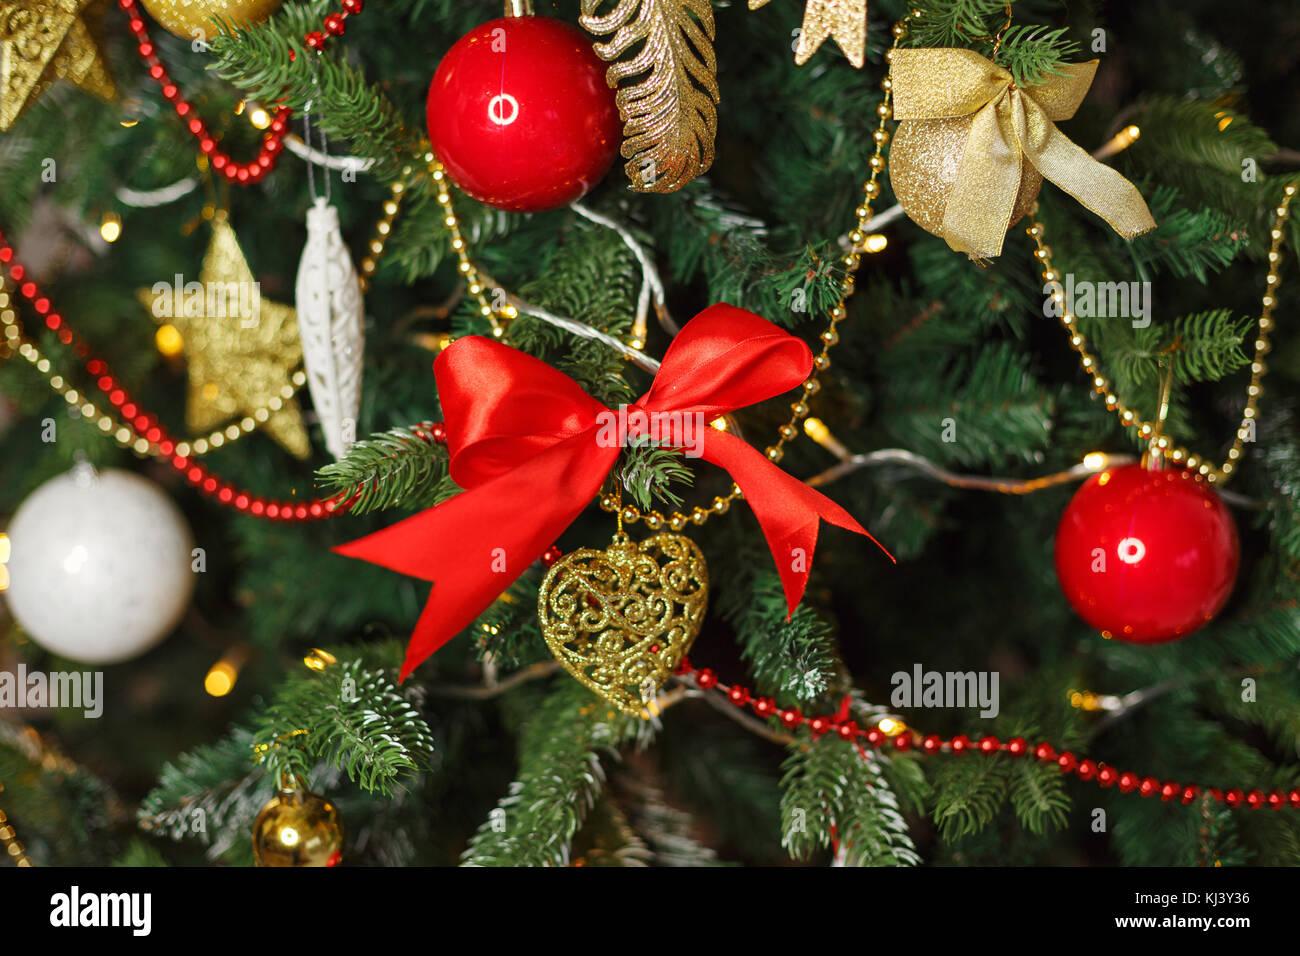 fcf523d54630b Árbol de navidad decorado. fondo para las vacaciones. frame close-ups. rojo